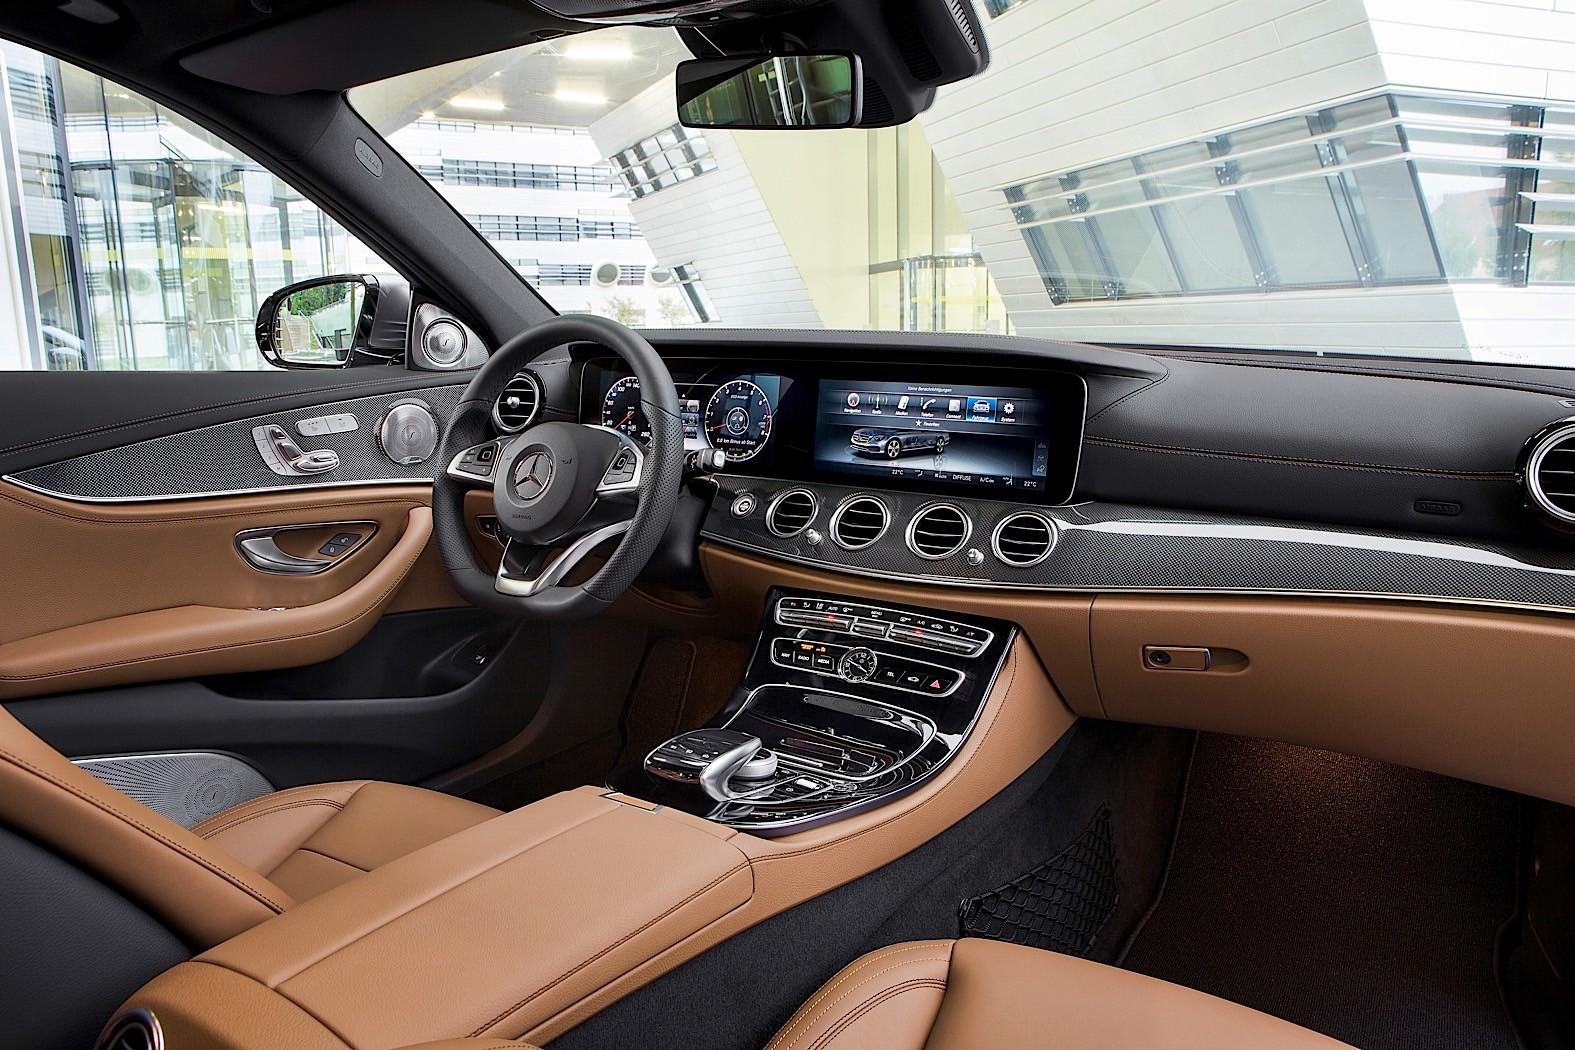 Survey shows Mercedes, Infiniti drivers have highest interest in autonomous cars